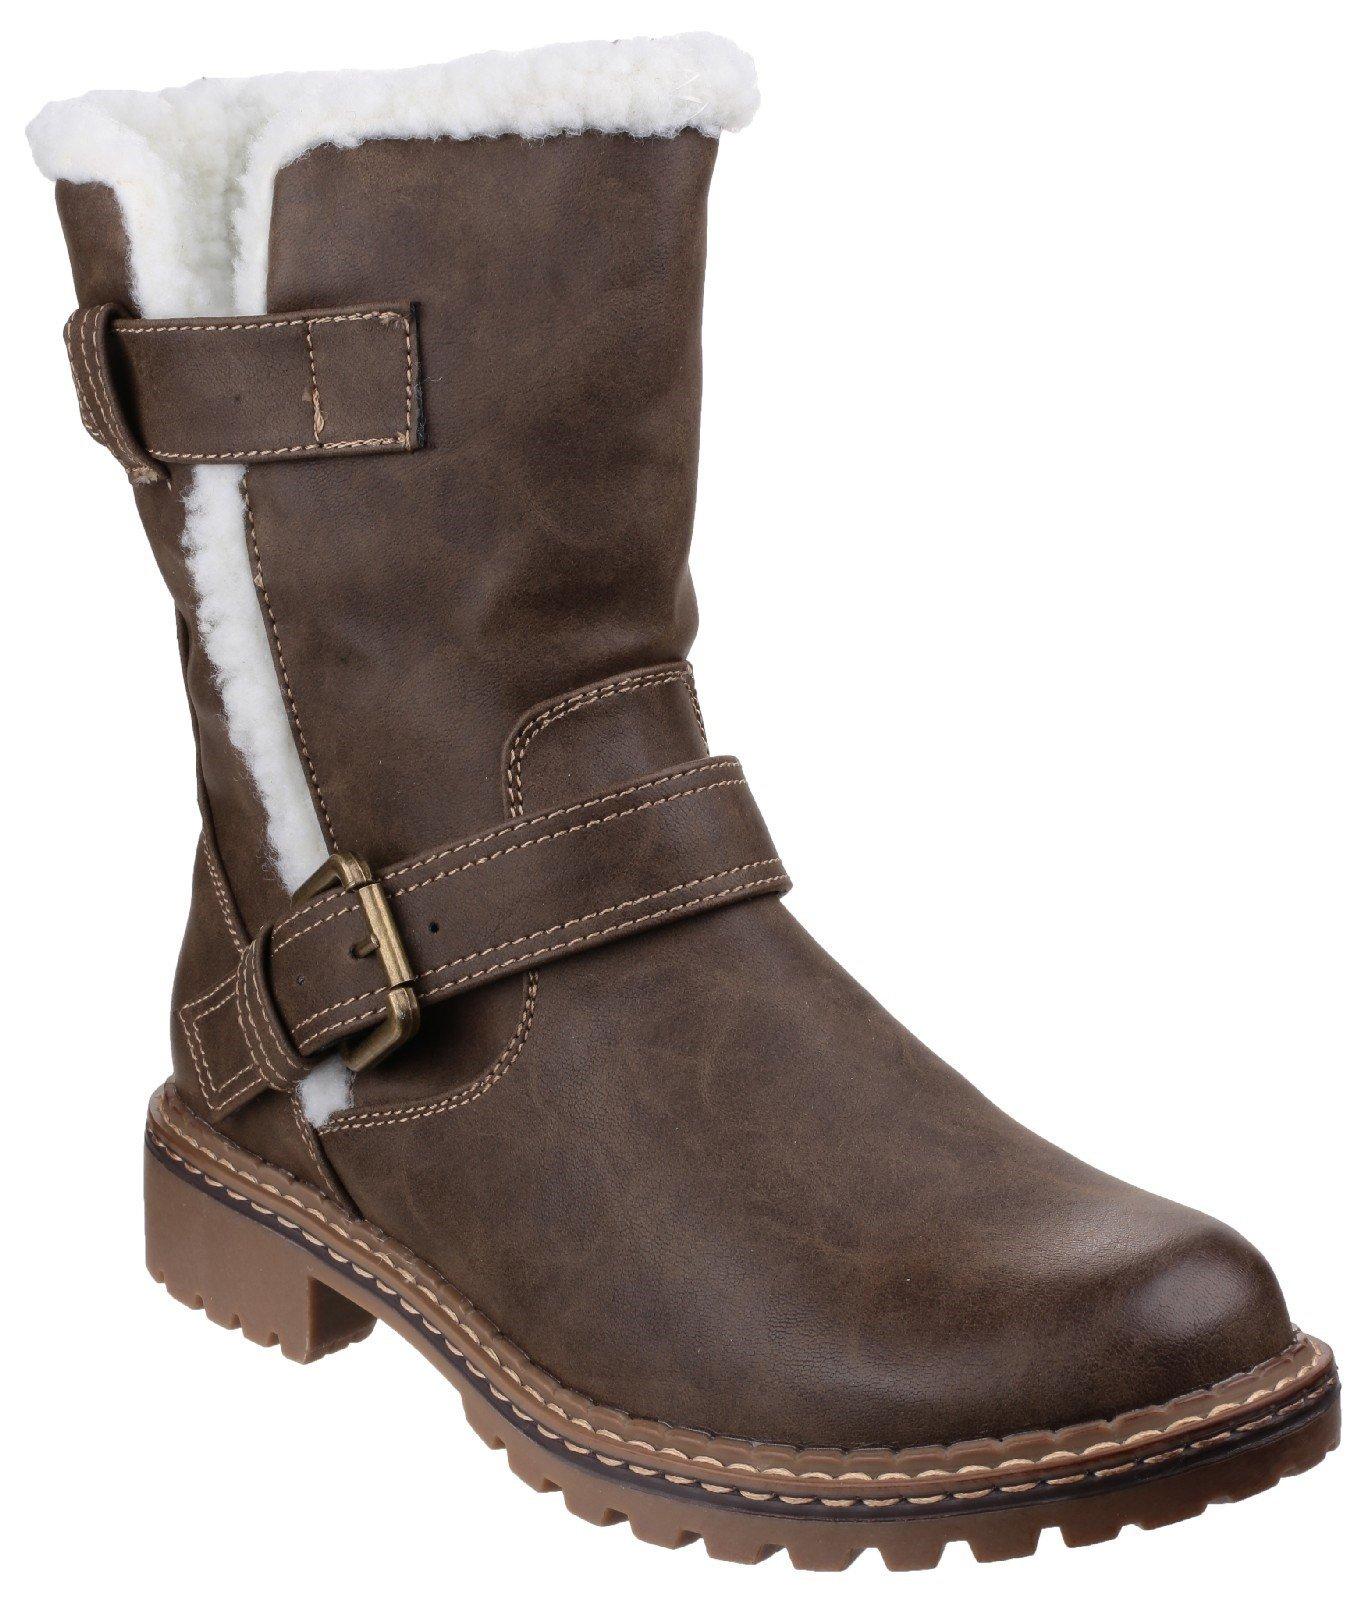 Divaz Women's Nardo Pull On Boot Black 22806-37230 - Brown 3